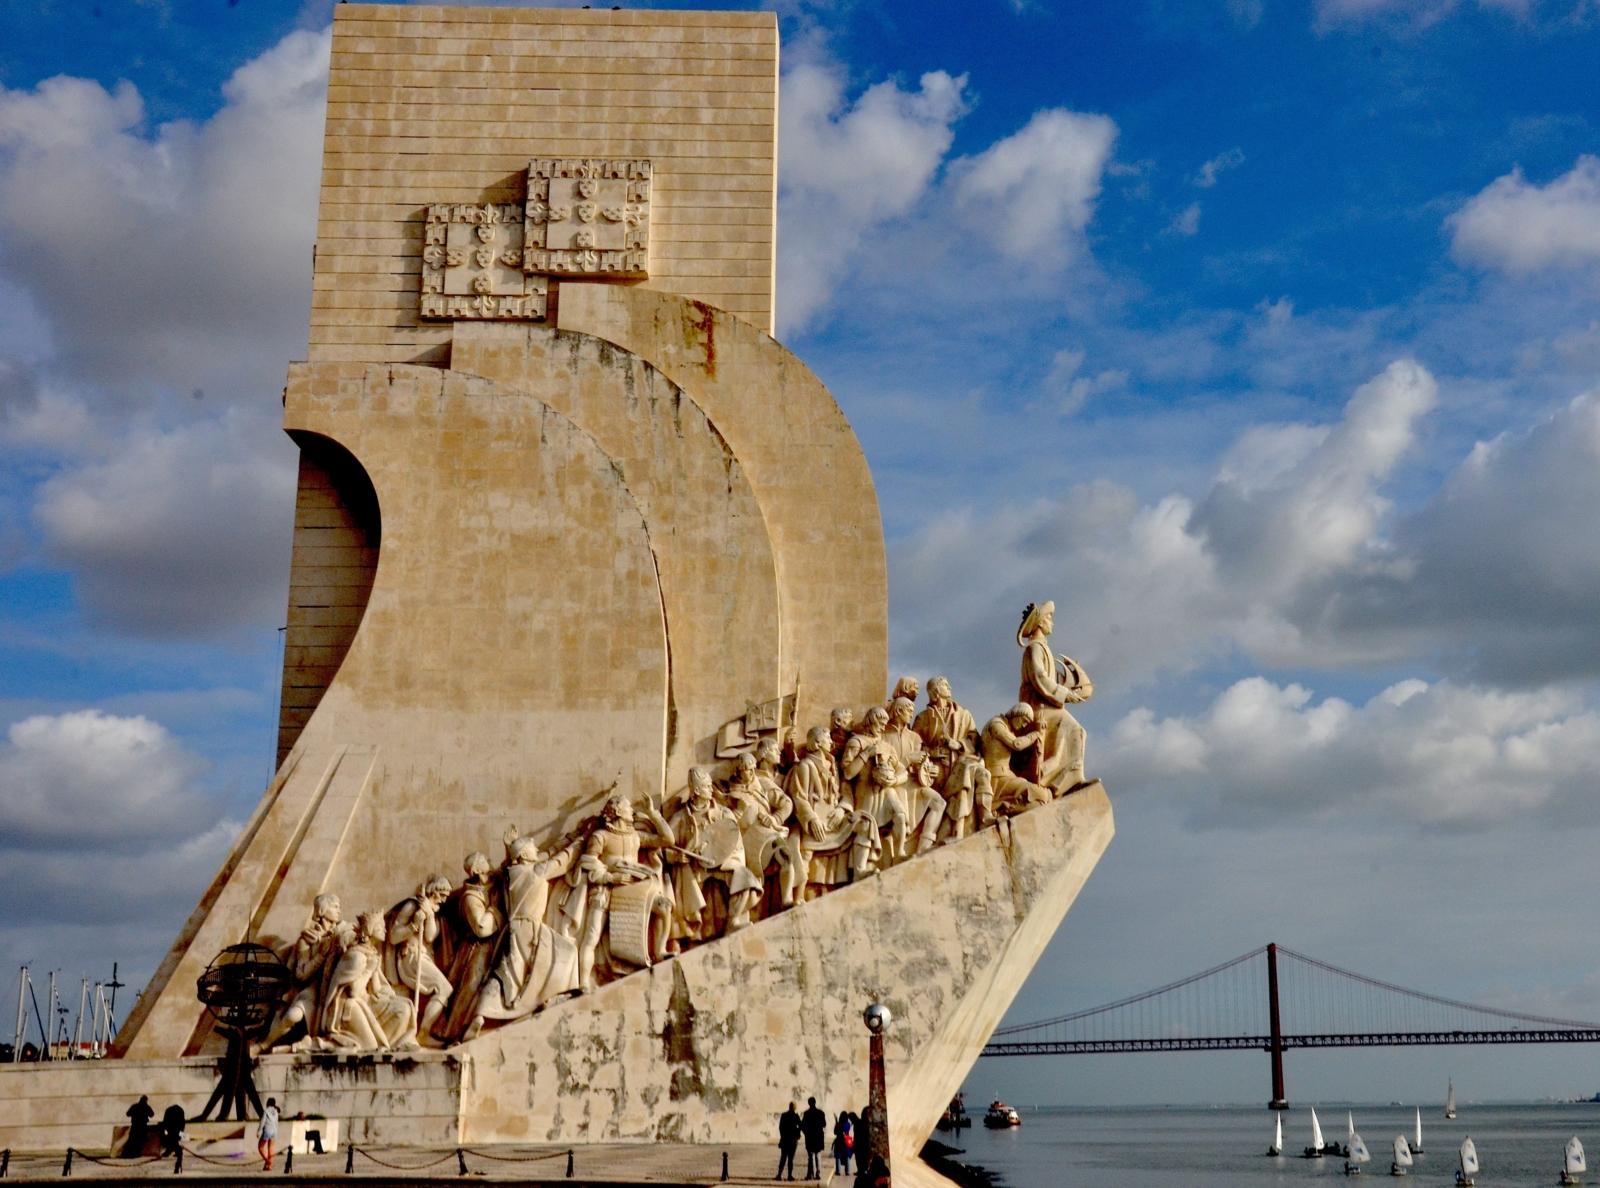 Vista do Padrão dos Descobrimentos e da ponte 25 de Abril